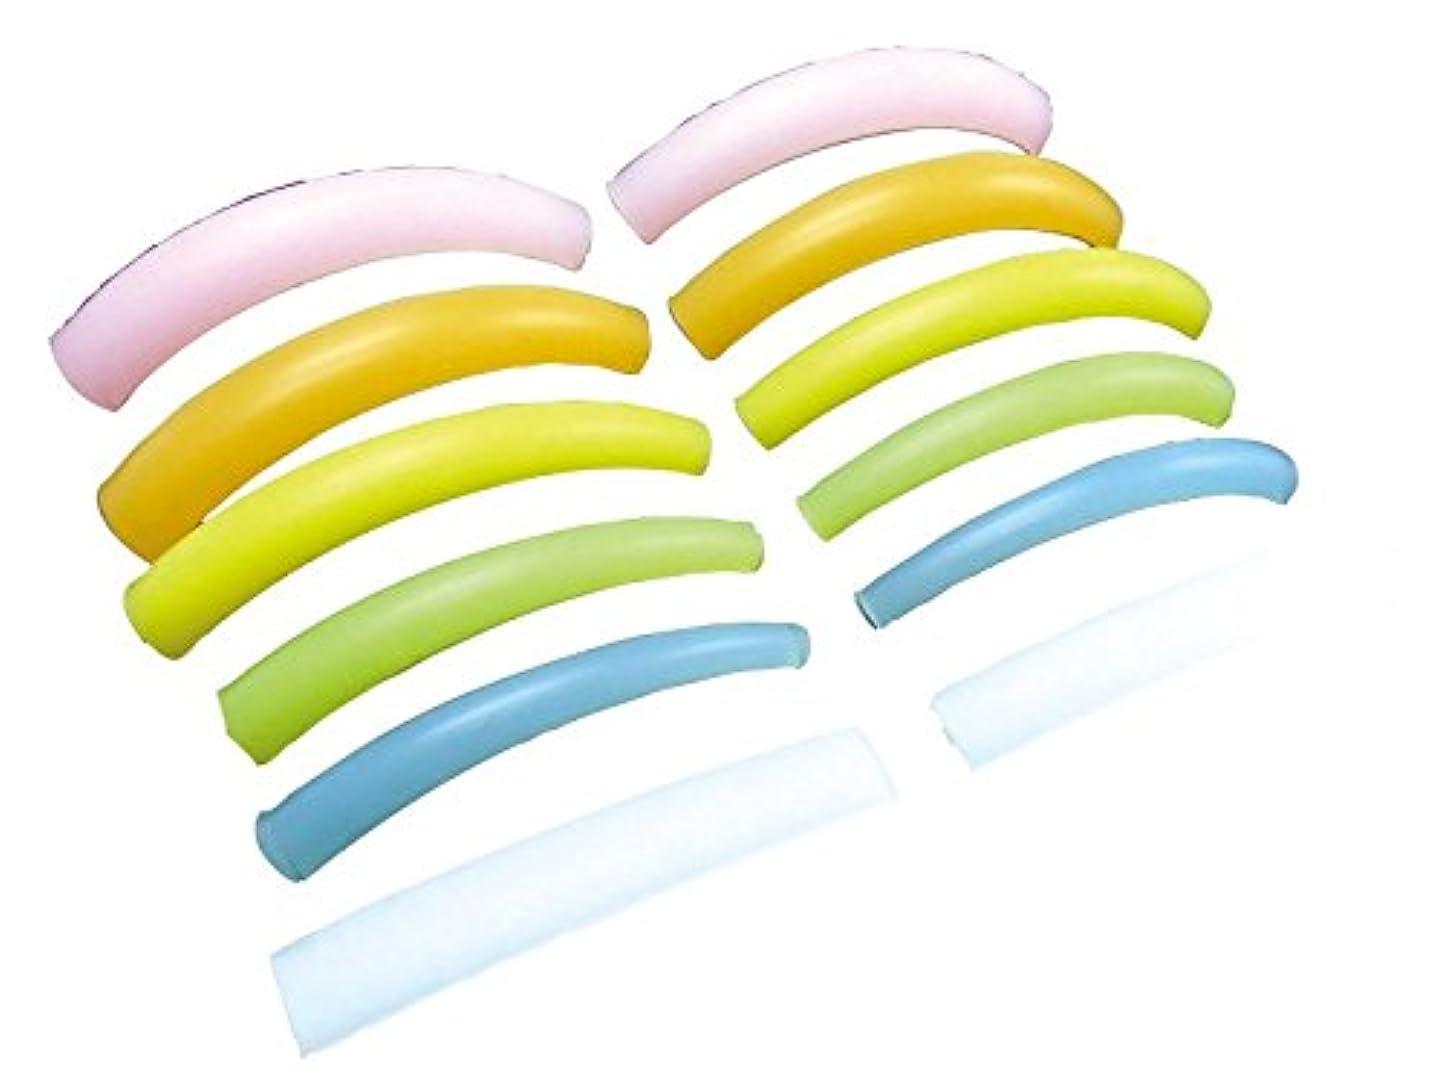 つかいます鍔受け皿業務用 アイメイク シリコンロット まつげ サイズフルセット 6人分12枚入り 3L、LL、L、M、S、フラット